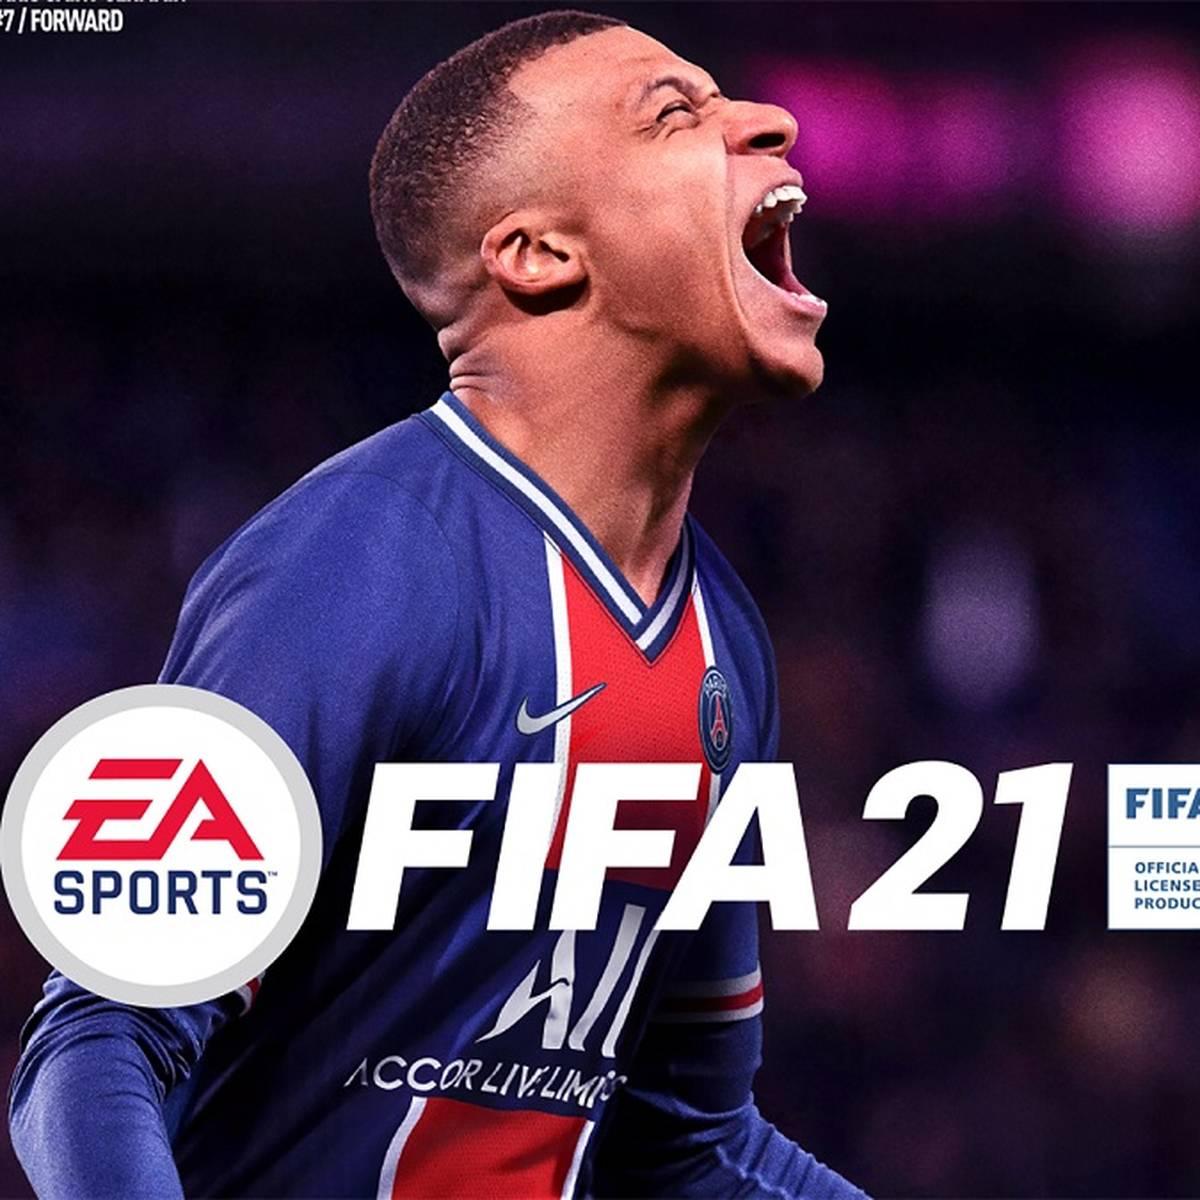 FIFA 21: Tutorial Folge #5 - Spezialbewegungen